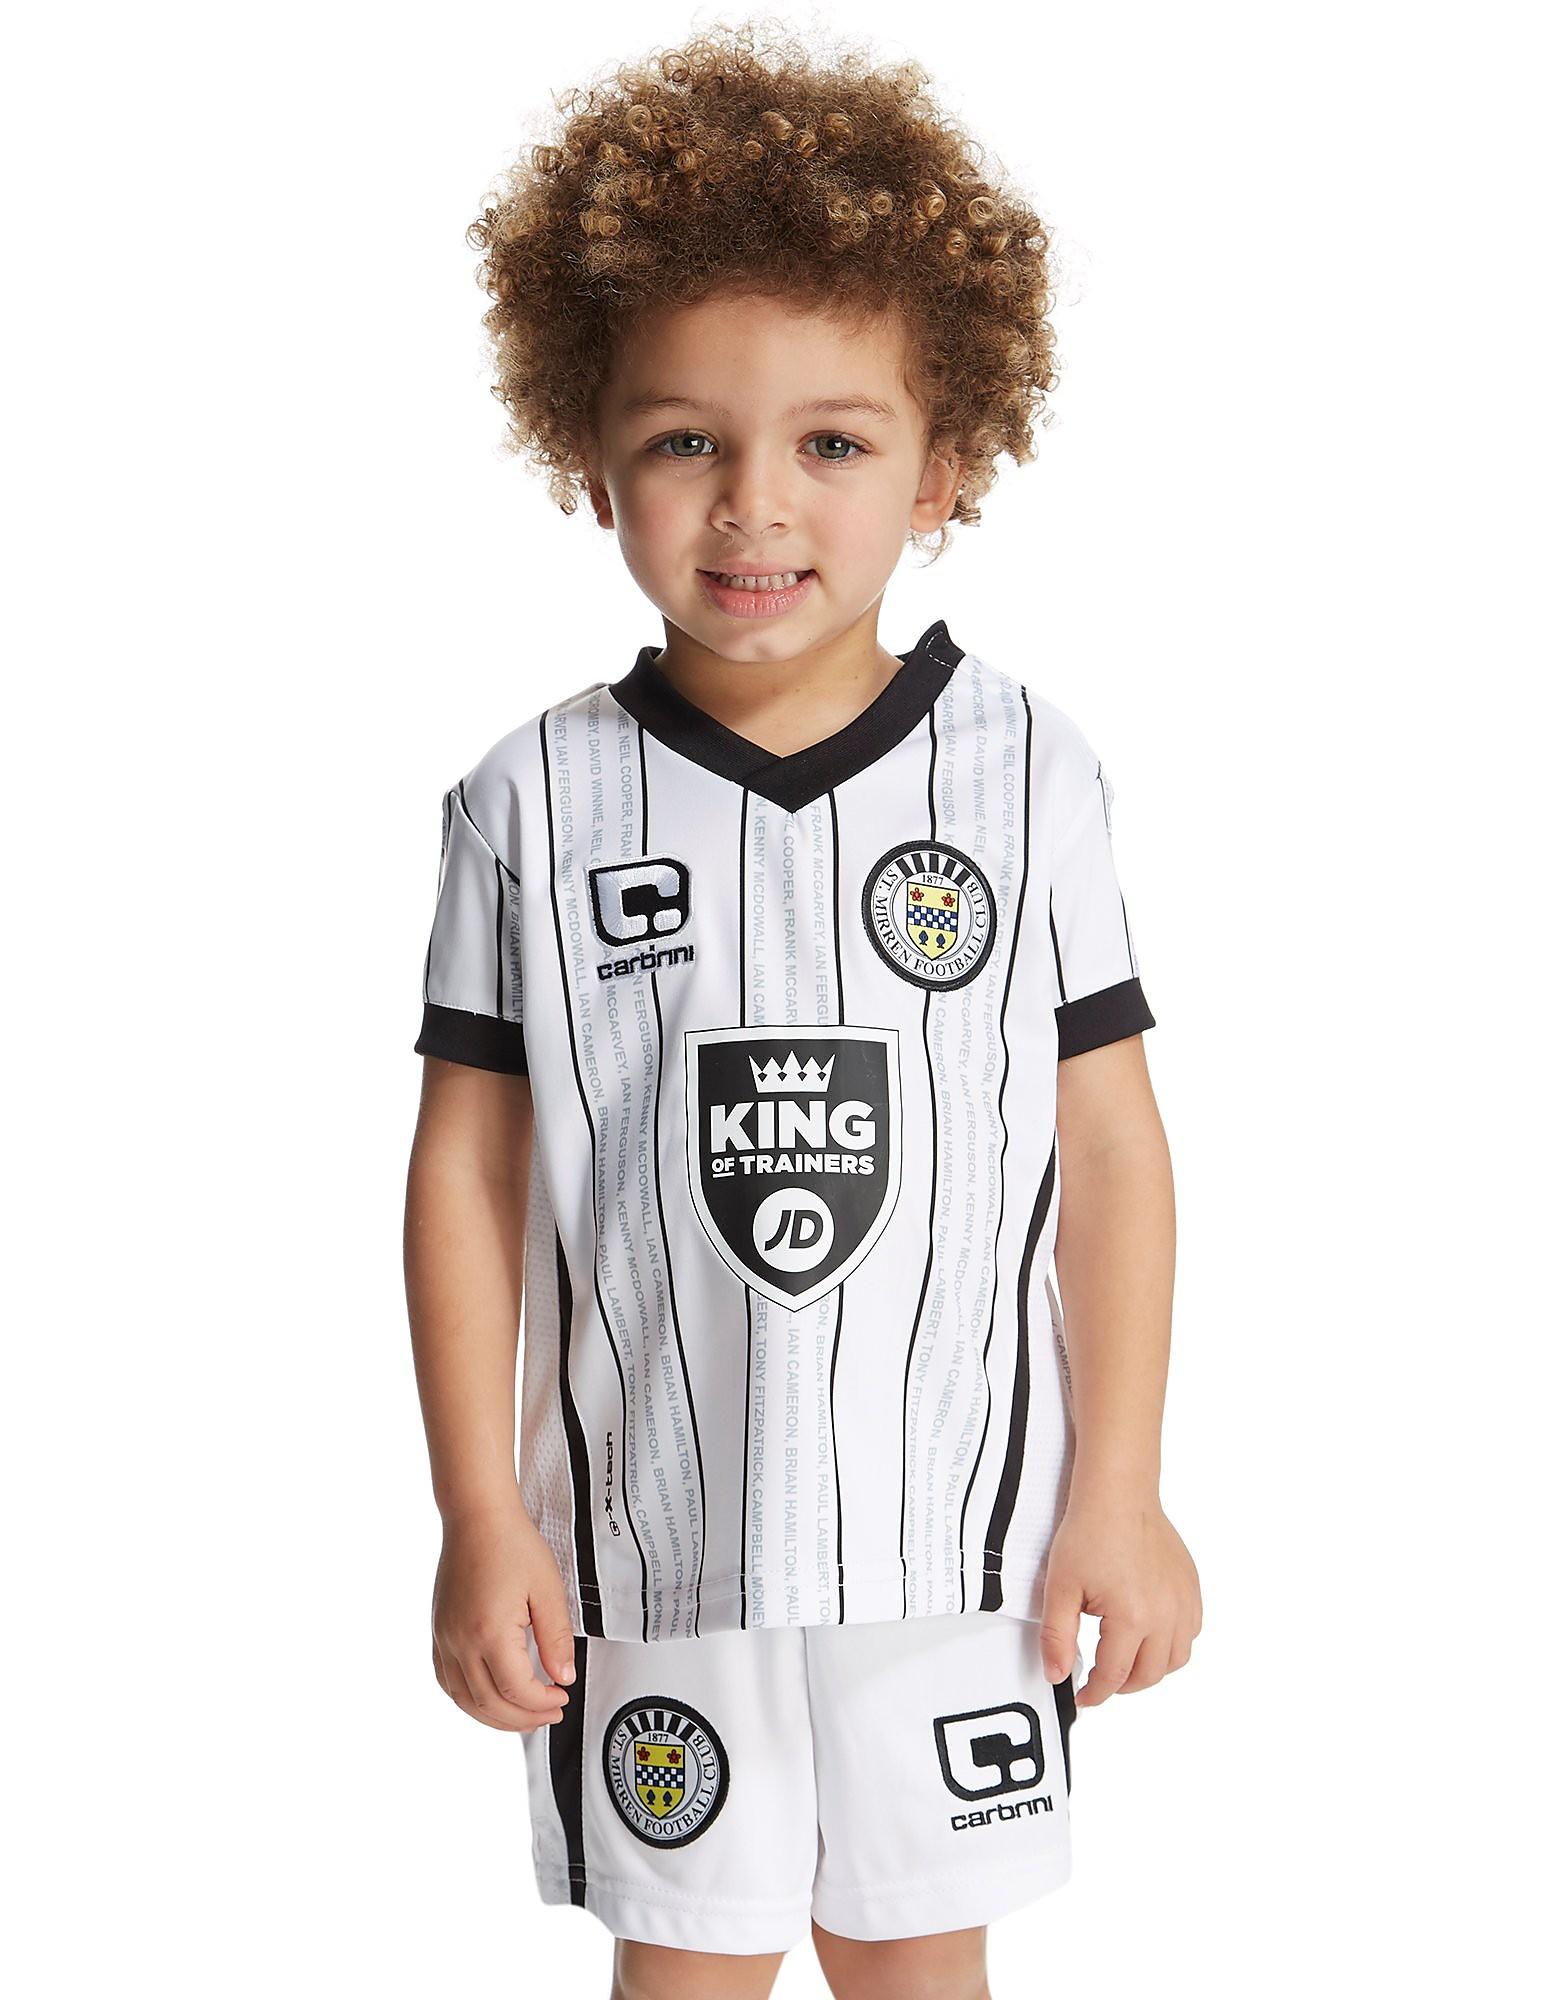 Carbrini St Mirren FC 2016/17 Home Kit Infant